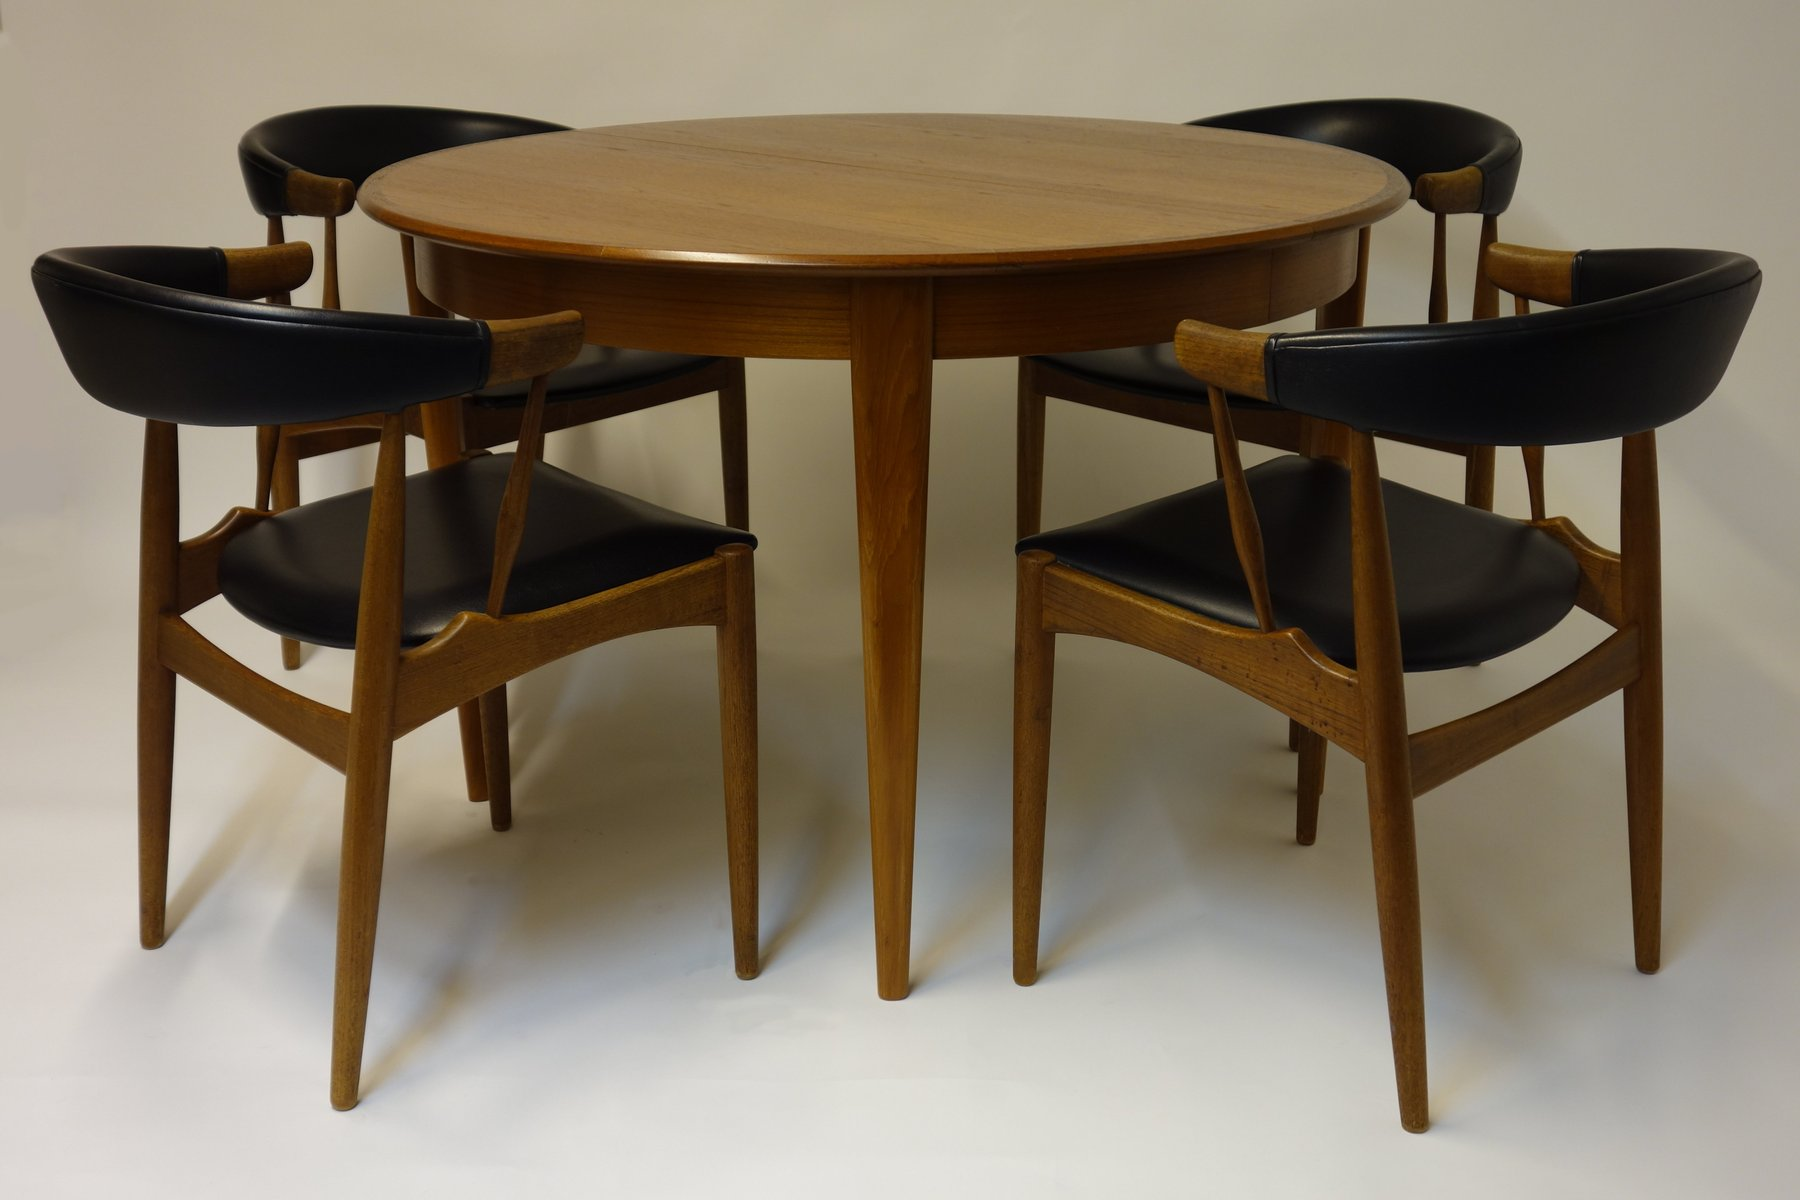 Ausziehbarer Esstisch mit Zwei Erweiterungen & Vier Stühle von Brdr. A...